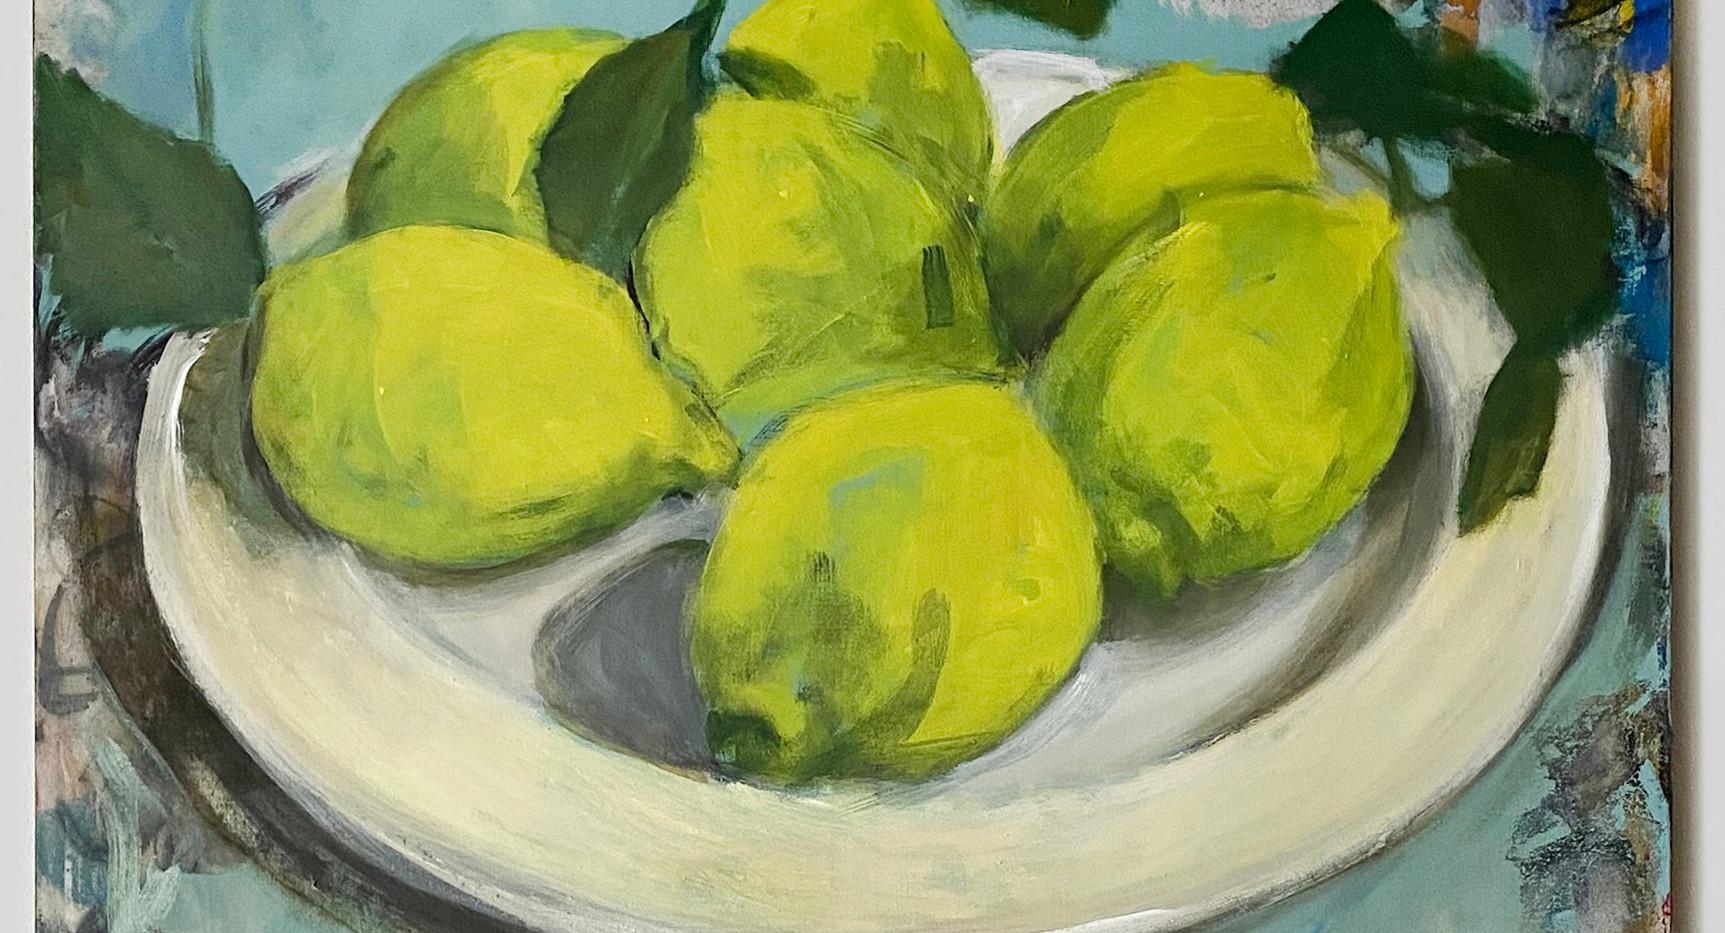 lemon_crop.jpg